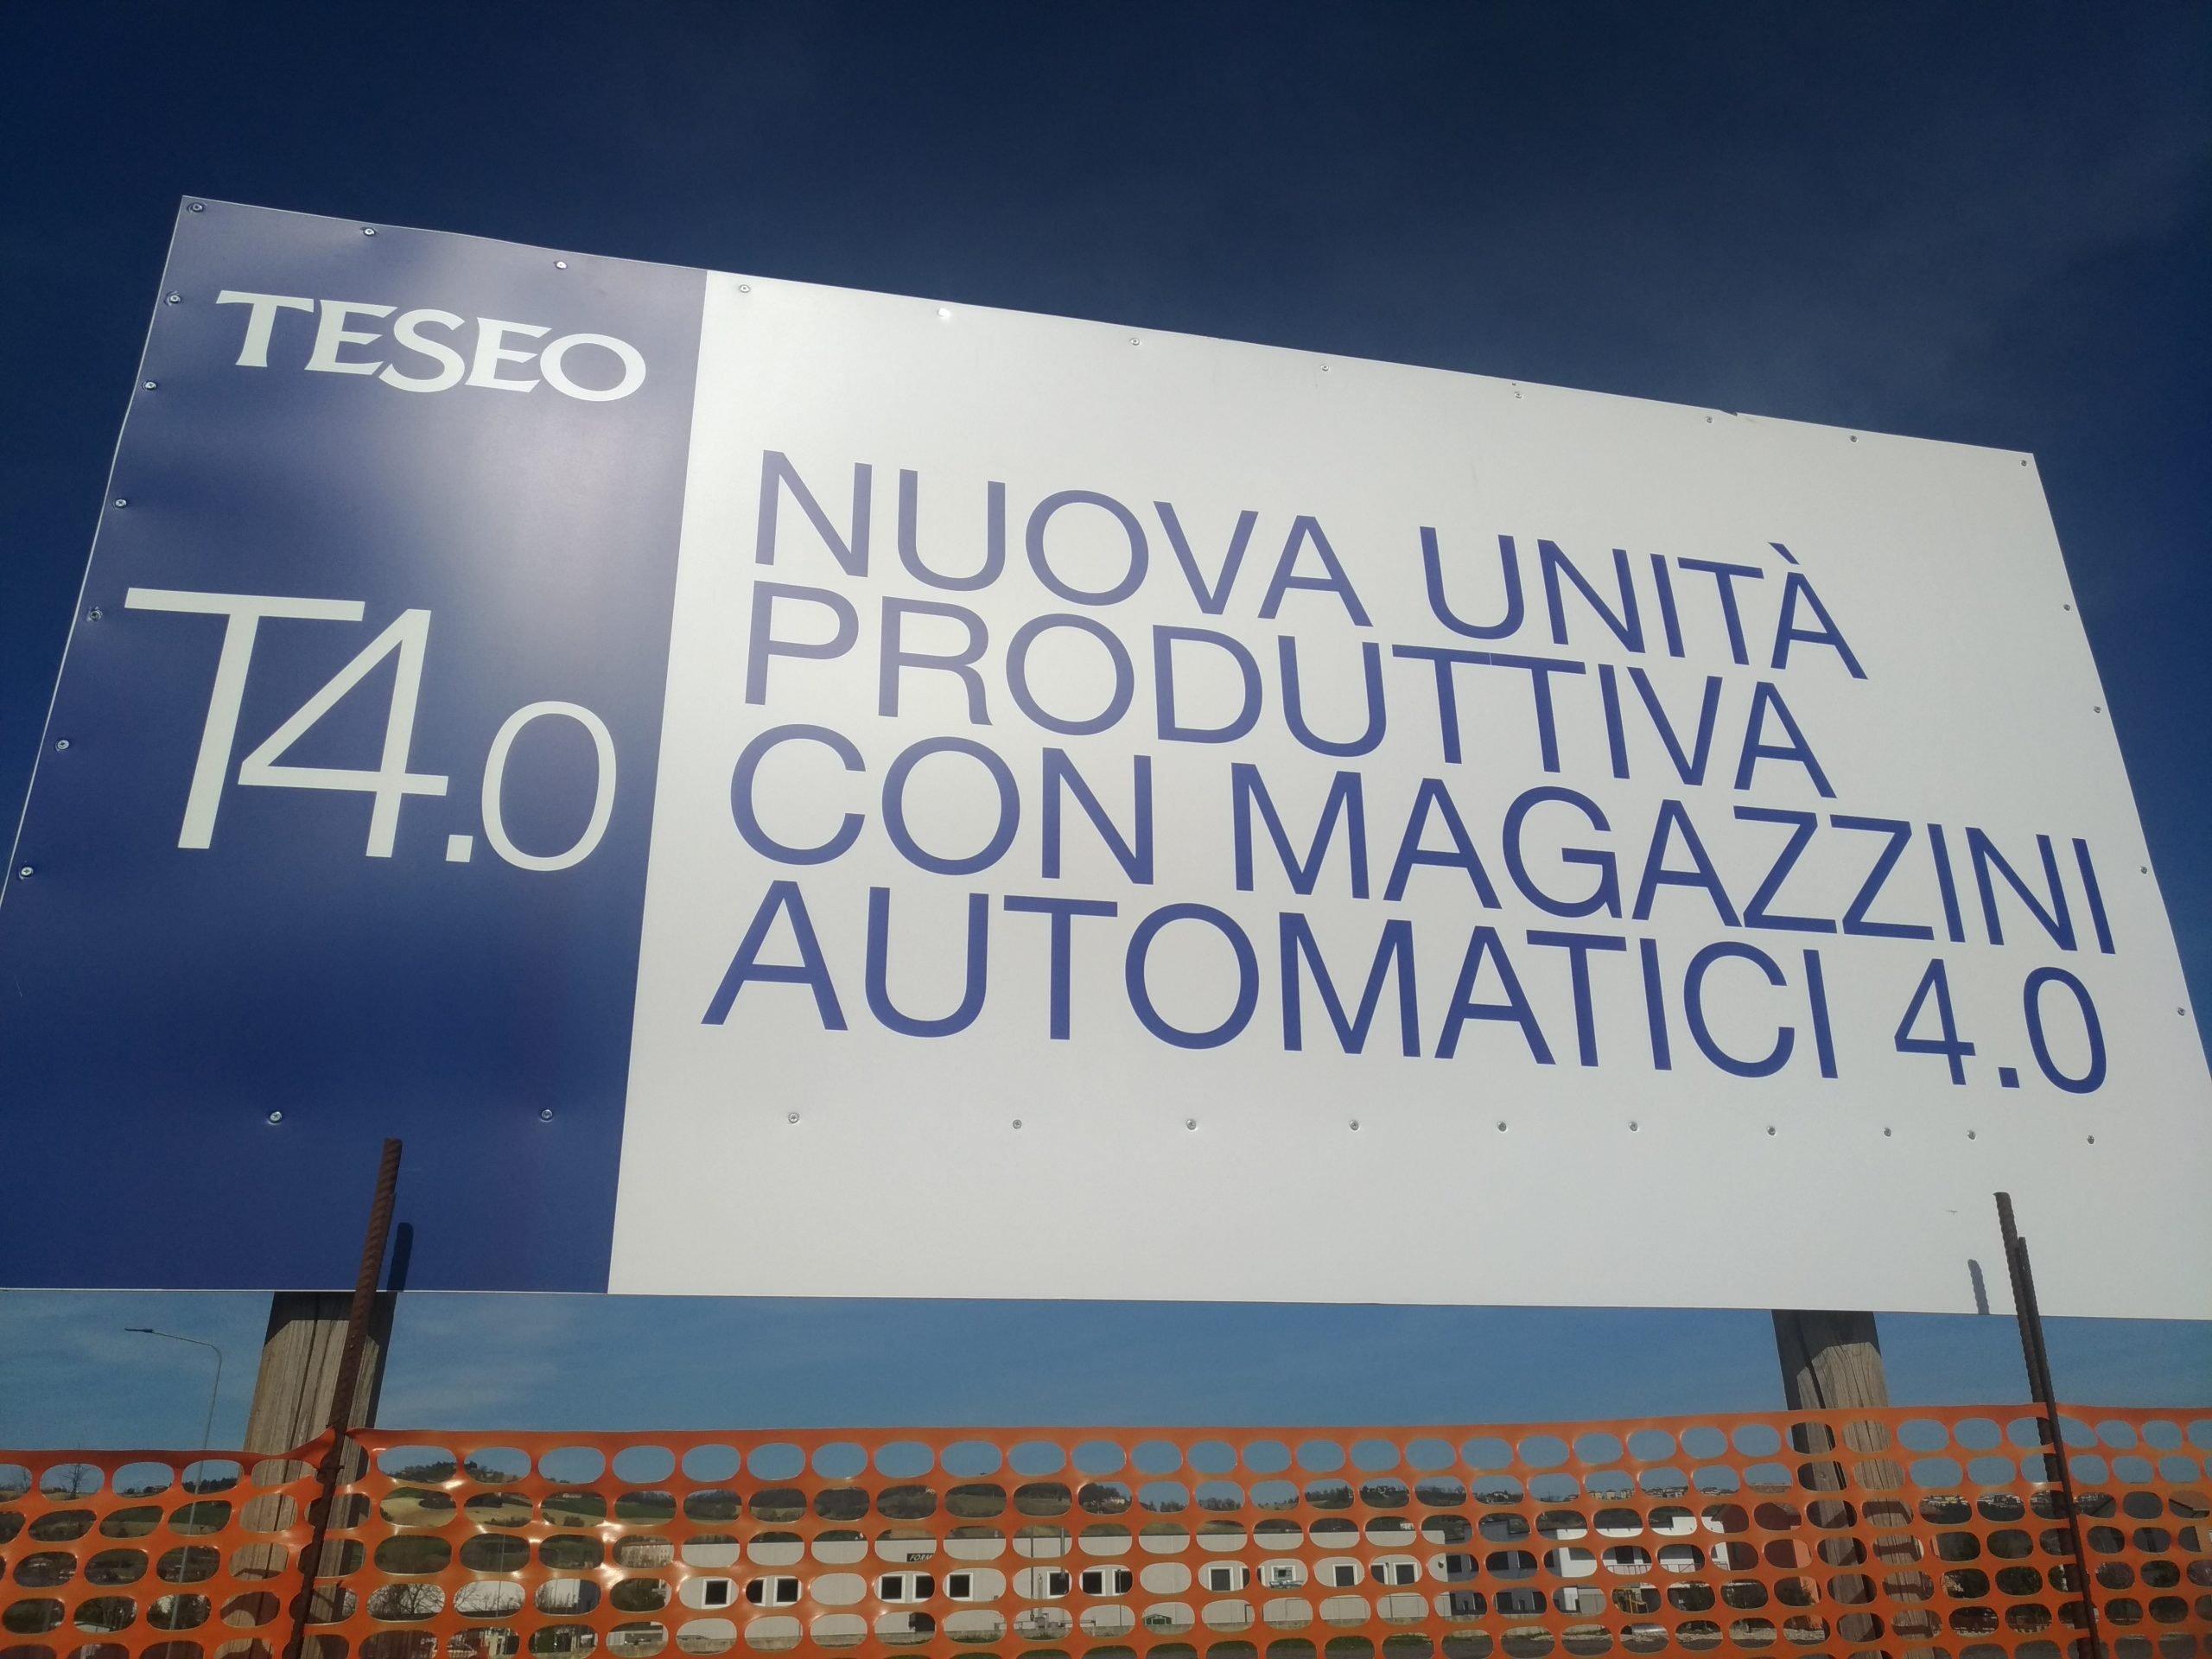 Teseo T4.0 – Nuova unità produttiva con magazzini automatici